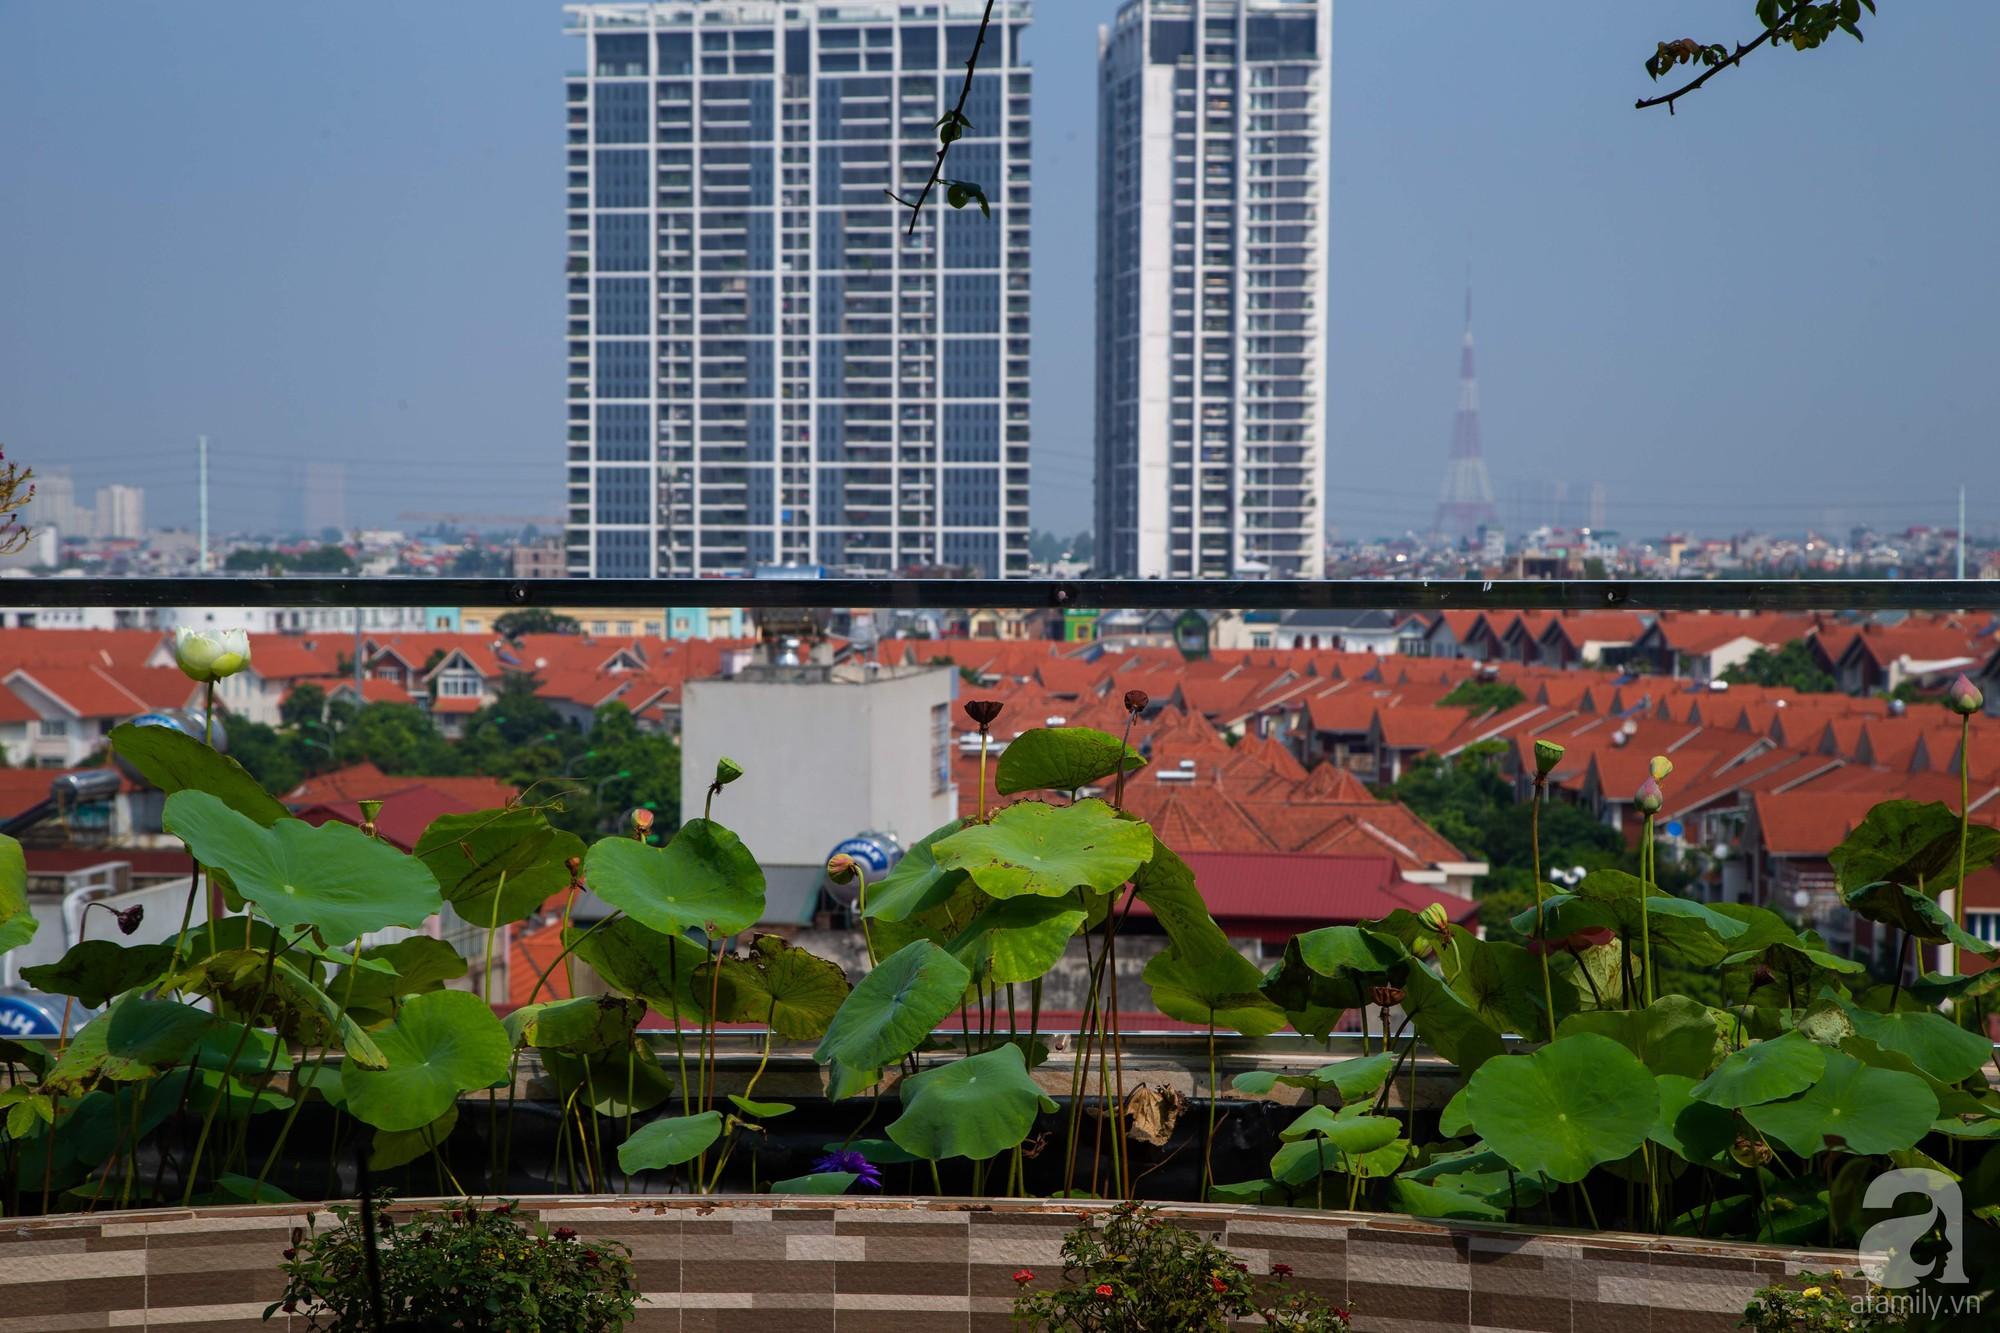 Khu vườn trên sân thượng rộng 200m² đẹp ngỡ ngàng với trăm loài hoa đua nhau khoe sắc ở Hà Nội - Ảnh 14.